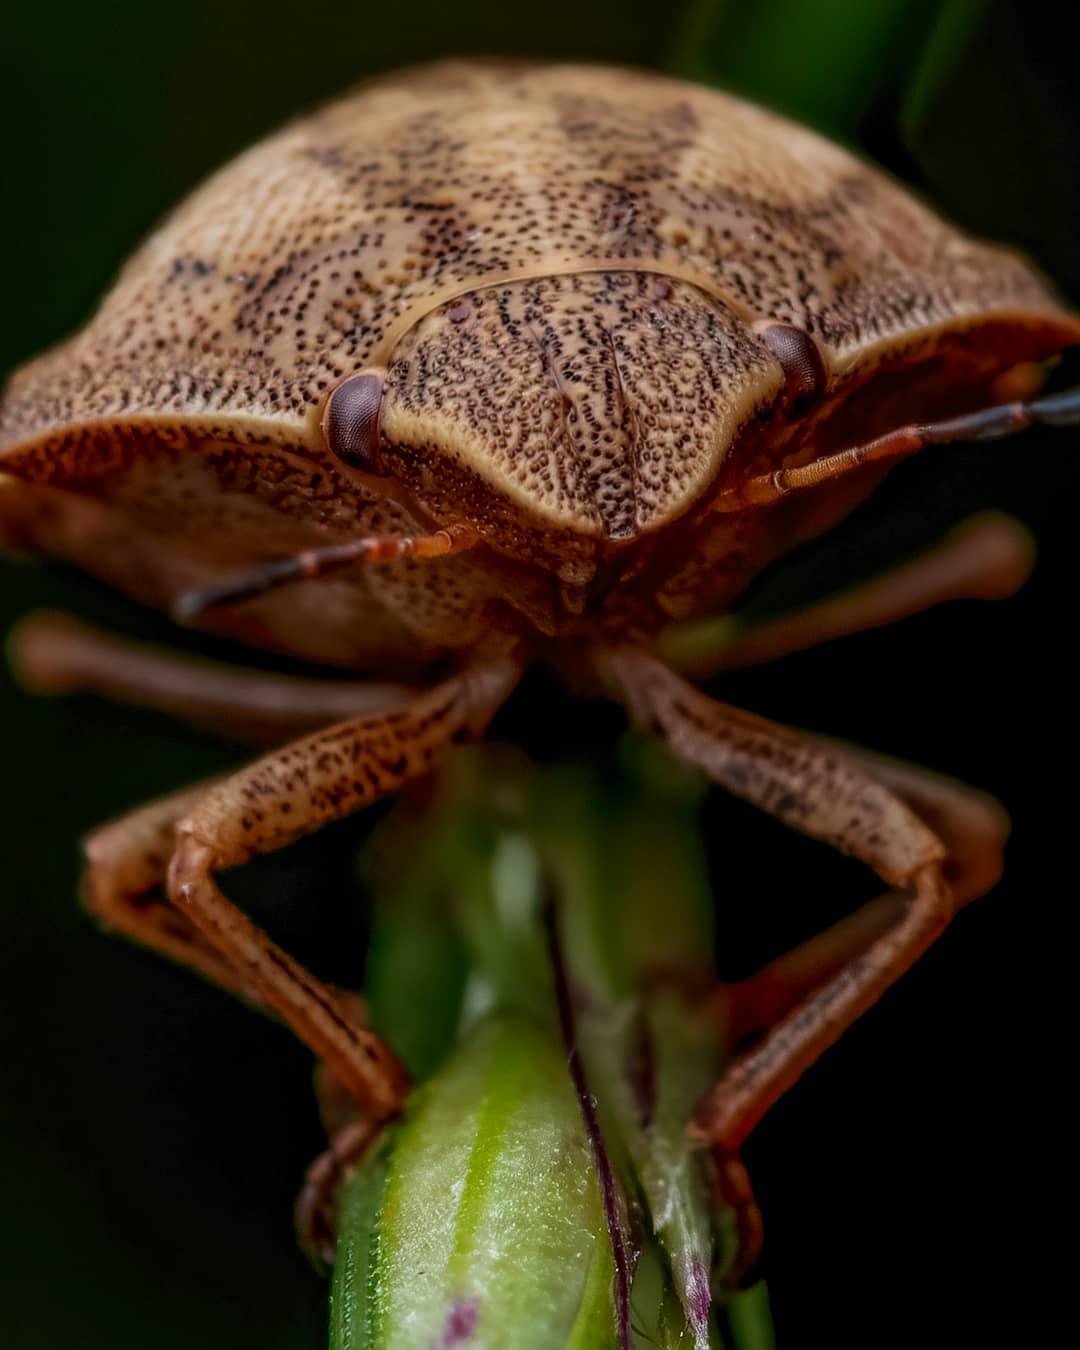 Удивительные макроснимки насекомых от Рори Джеймса Льюиса